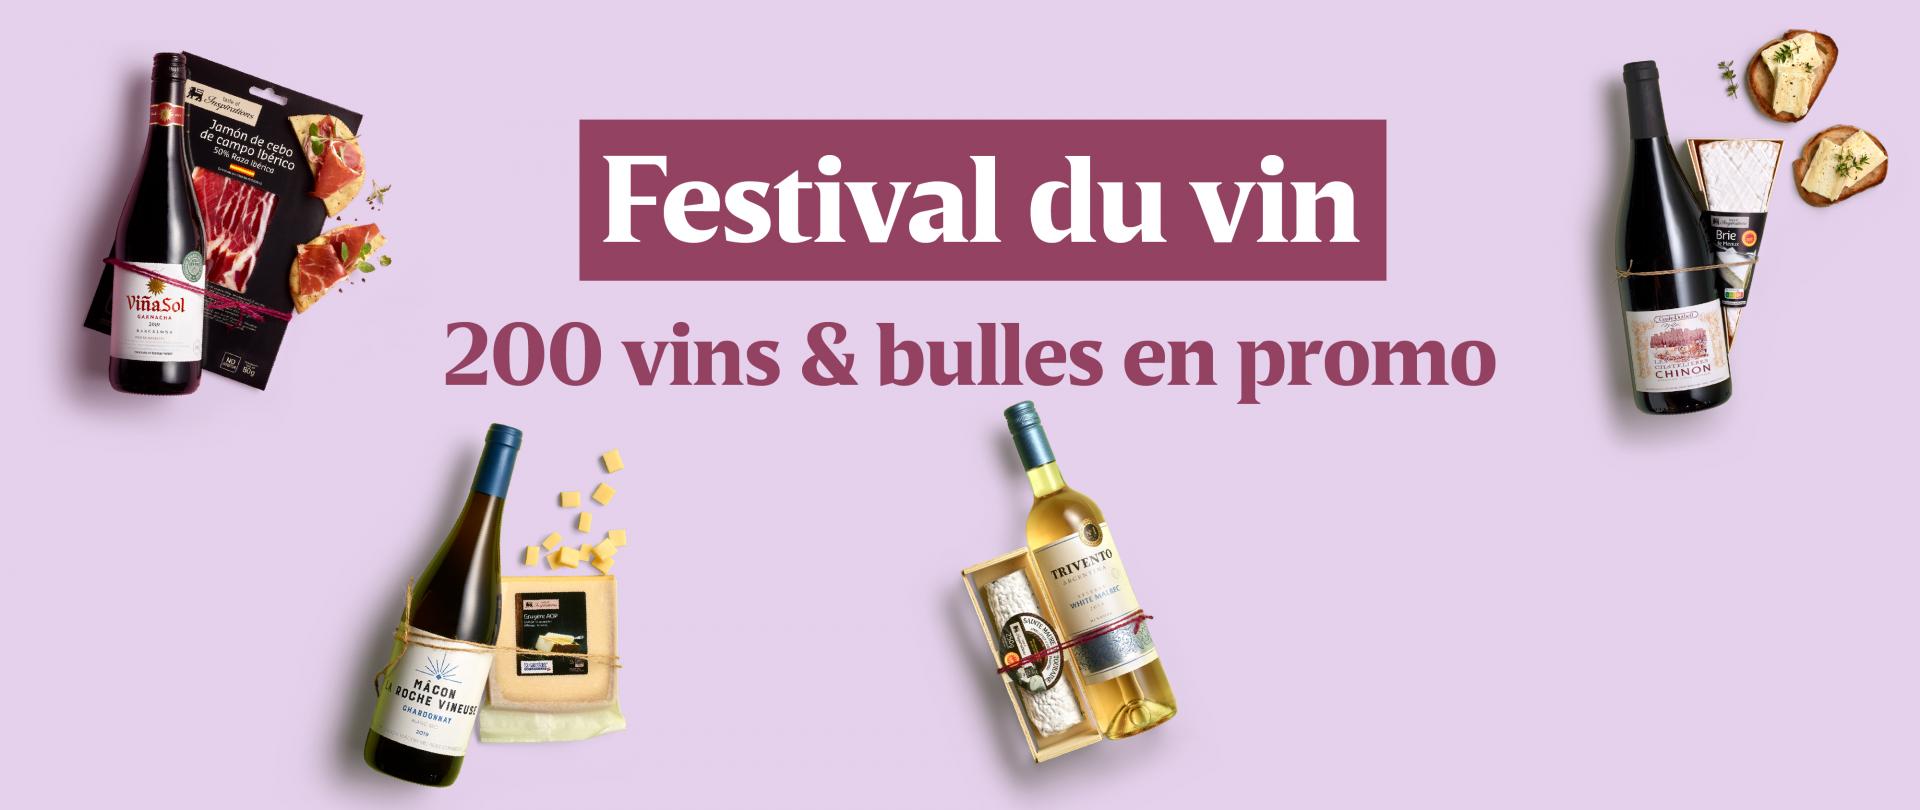 Le Festival du vin débarque en magasin !